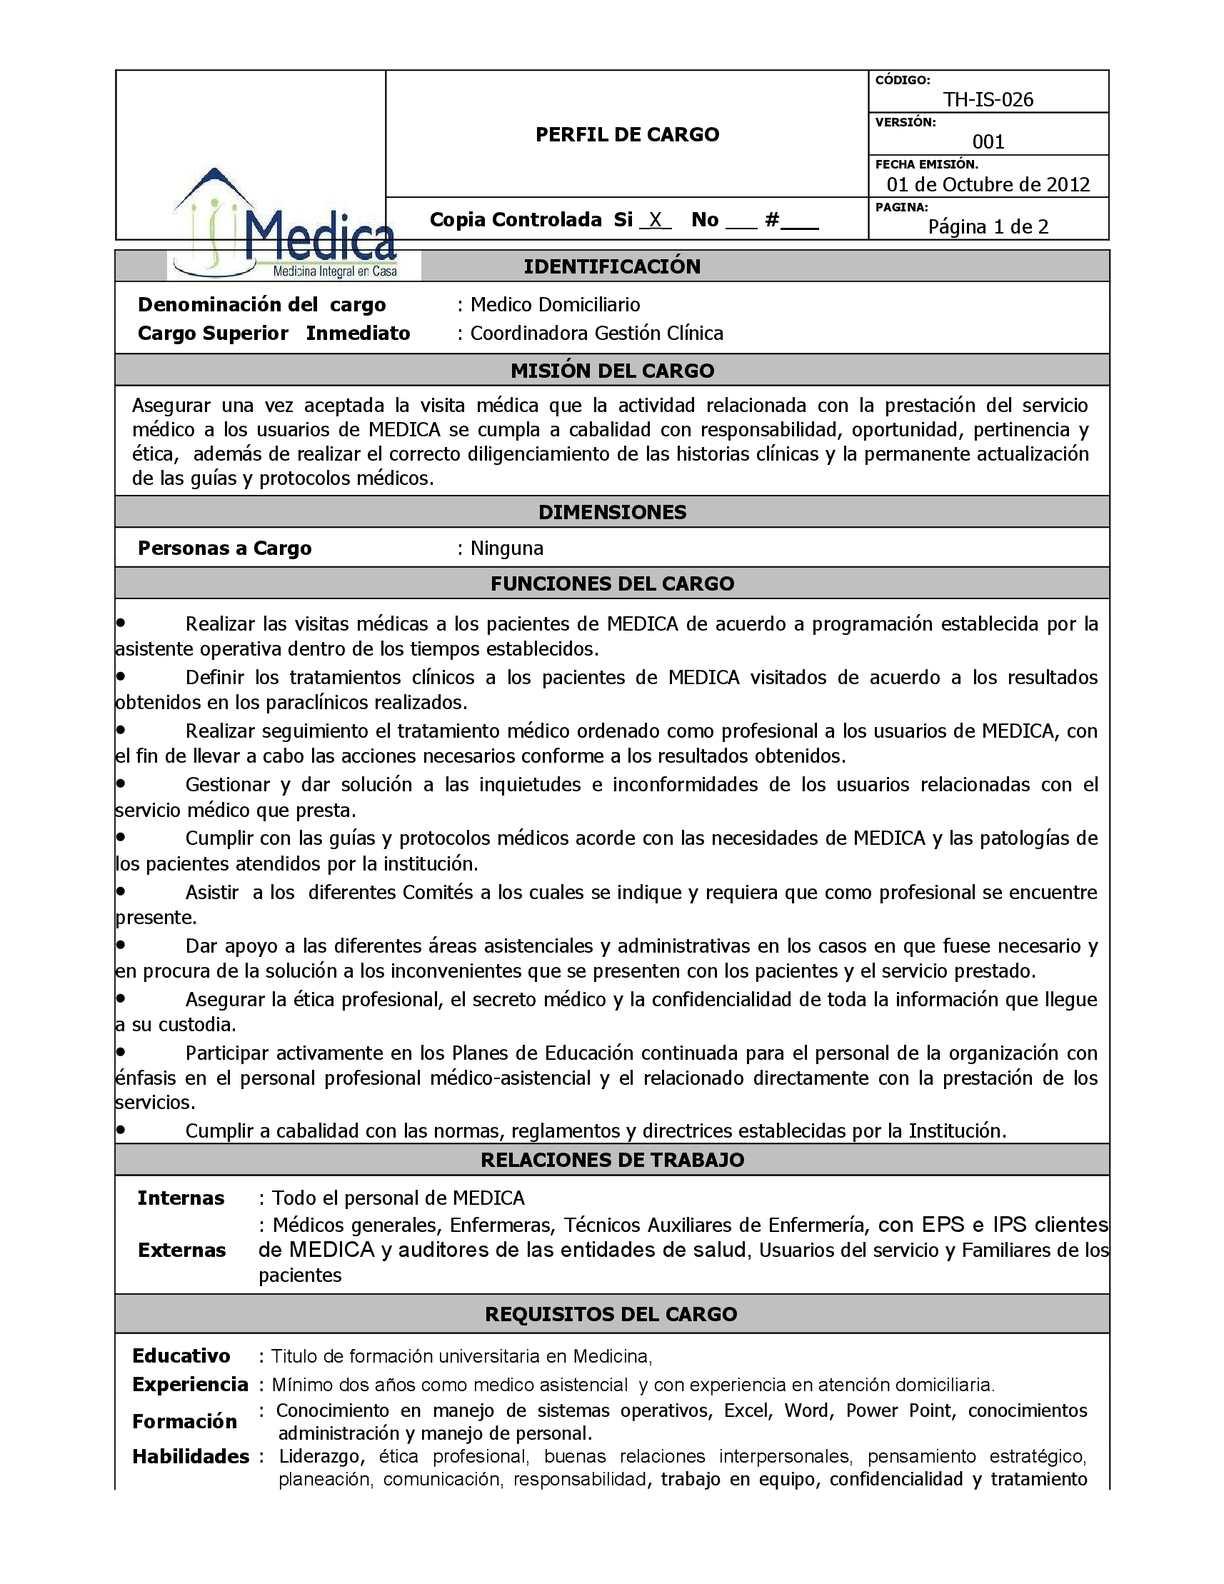 TH-IS-026 MEDICO DOMICILIARIO